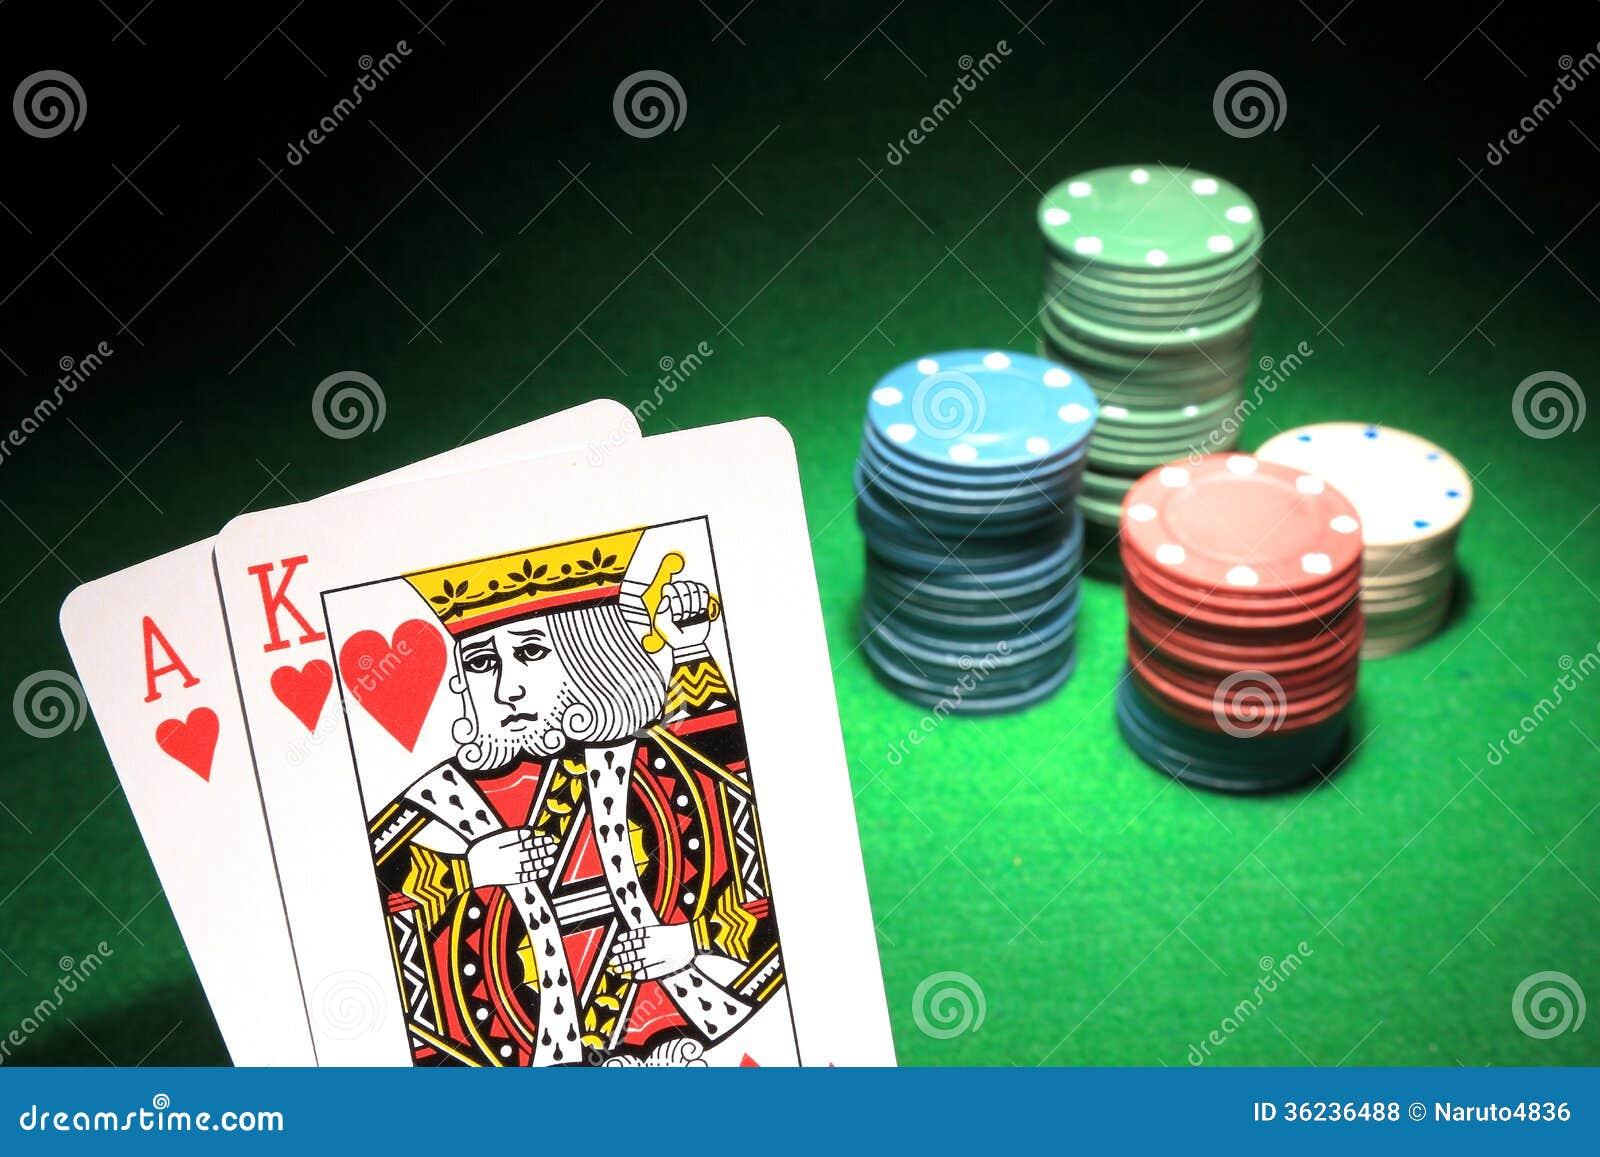 Odds of drawing blackjack